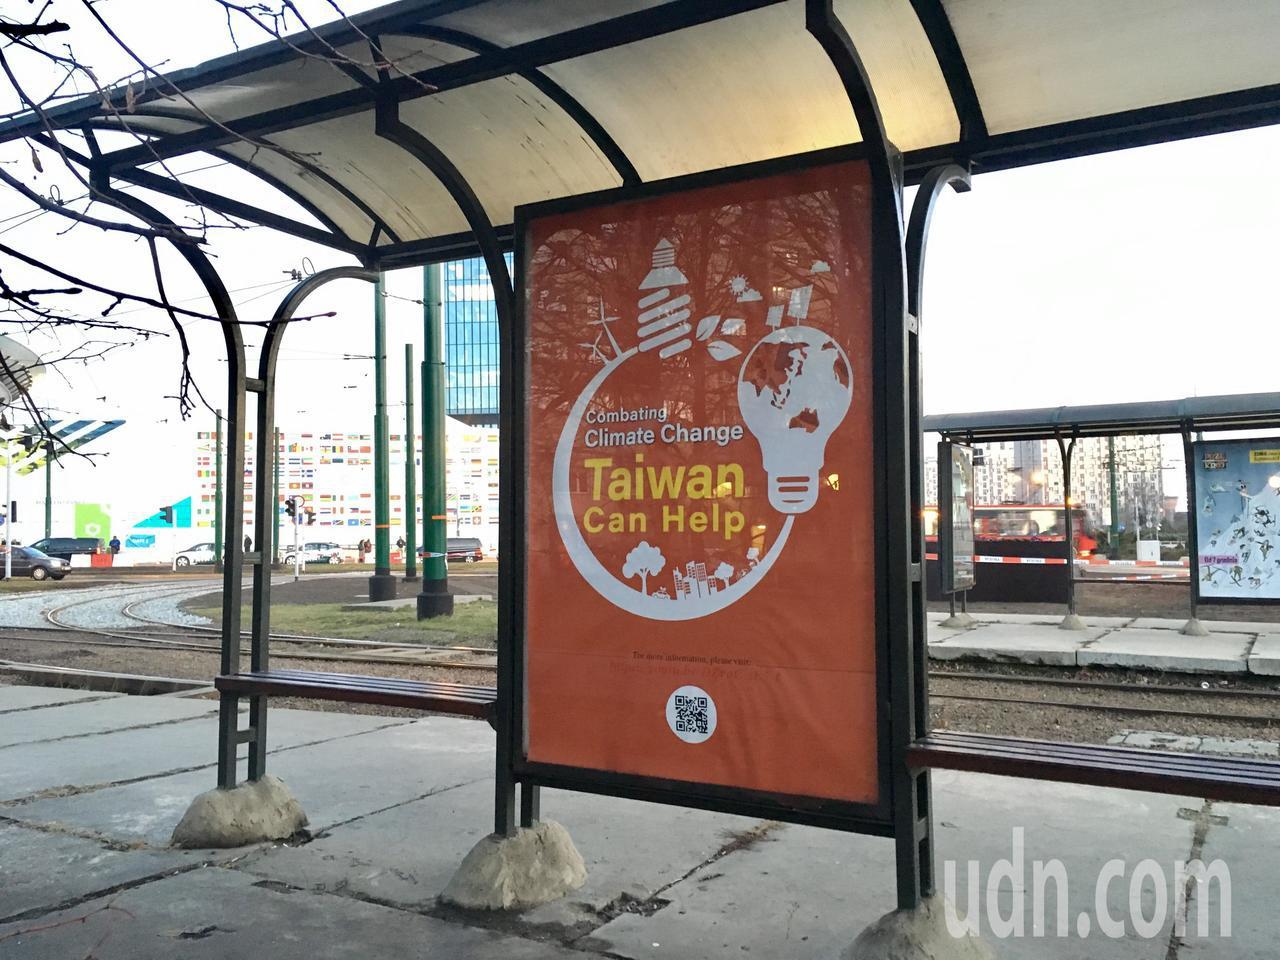 聯合國氣候大會在波蘭舉行,候車亭有我國外交部廣告。特派記者吳姿賢/攝影